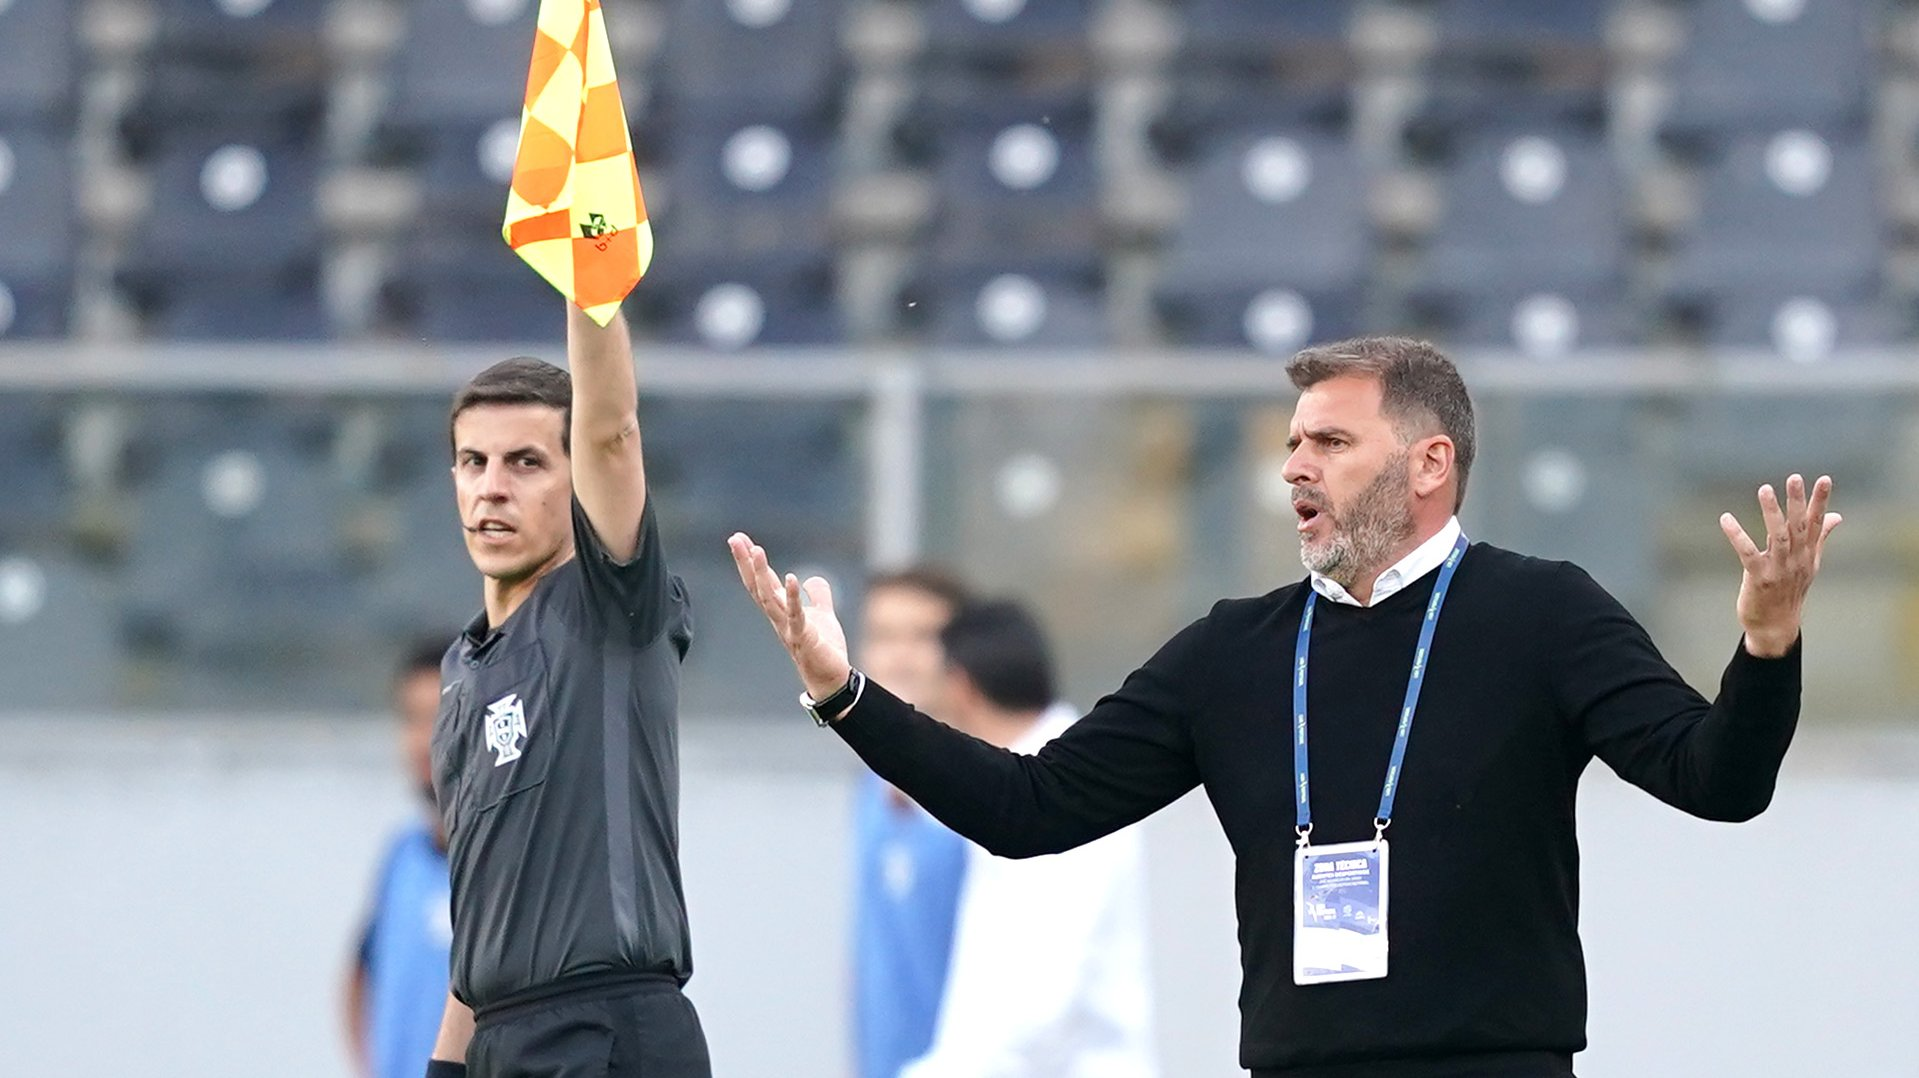 O treinador do Vitória de Guimarães, João Henriques (D), reage durante o jogo da Primeira Liga de Portugal, entre o Vitória de Guimarães e o Tondela, realizado no estádio D. Afonso Henriques, em Guimarães, 04 de abril de 2021. HUGO DELGADO/LUSA